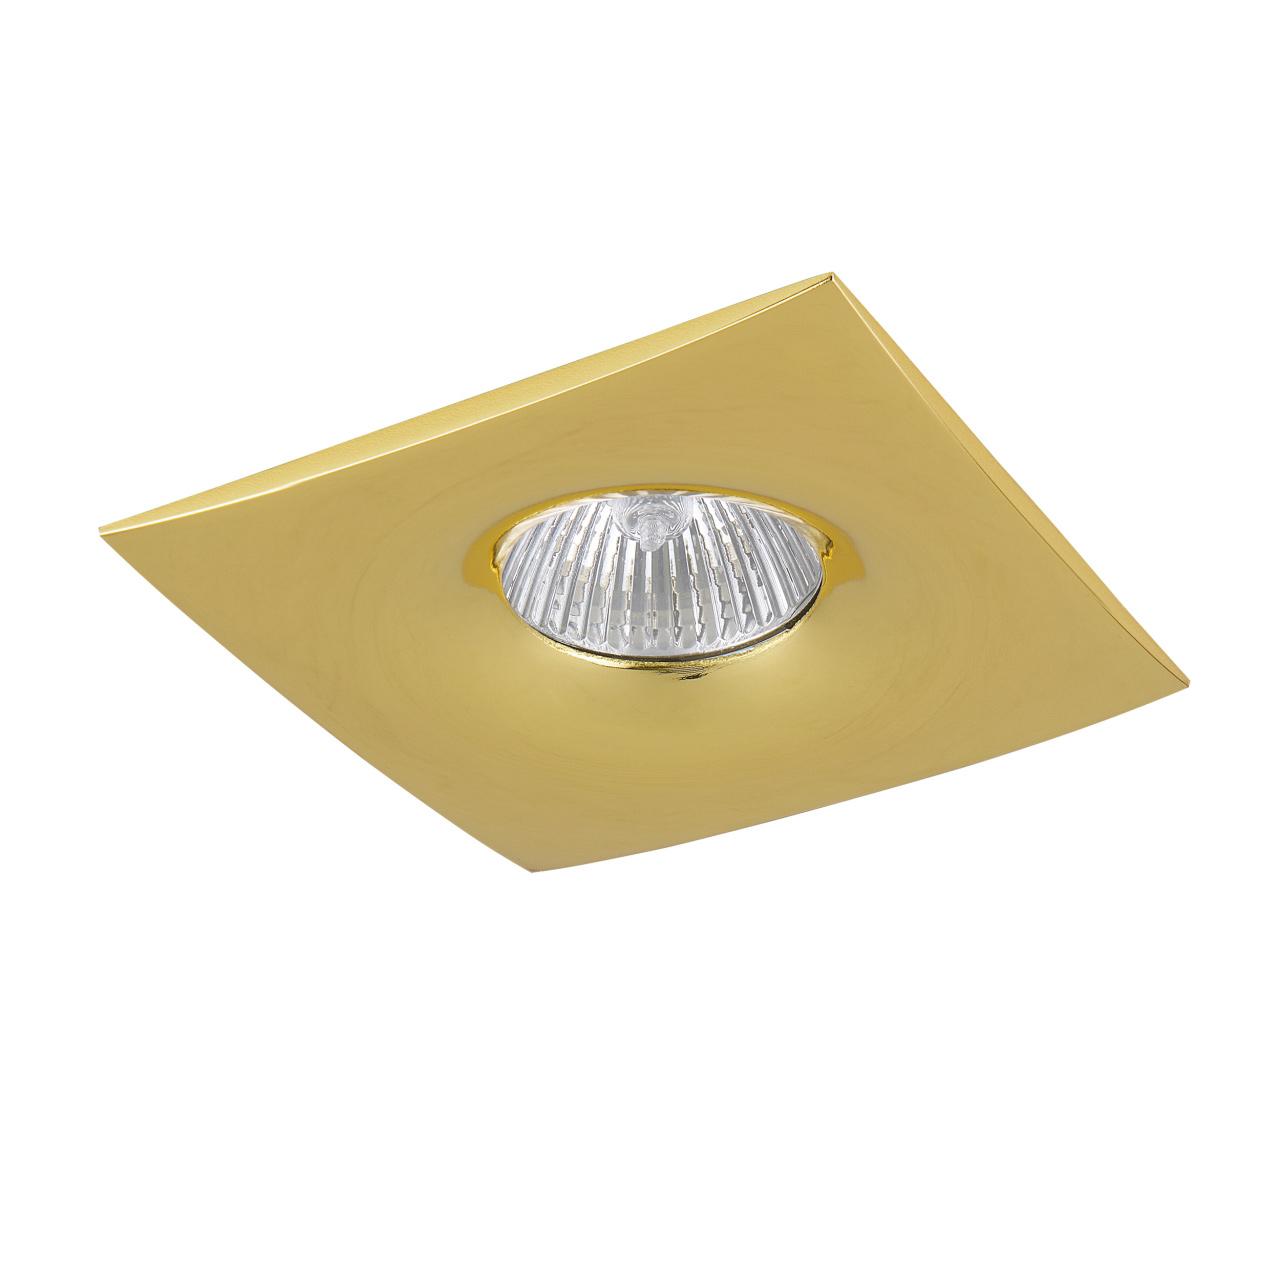 Светильник Levigo Q MR16 / HP16 золото Lightstar 010032